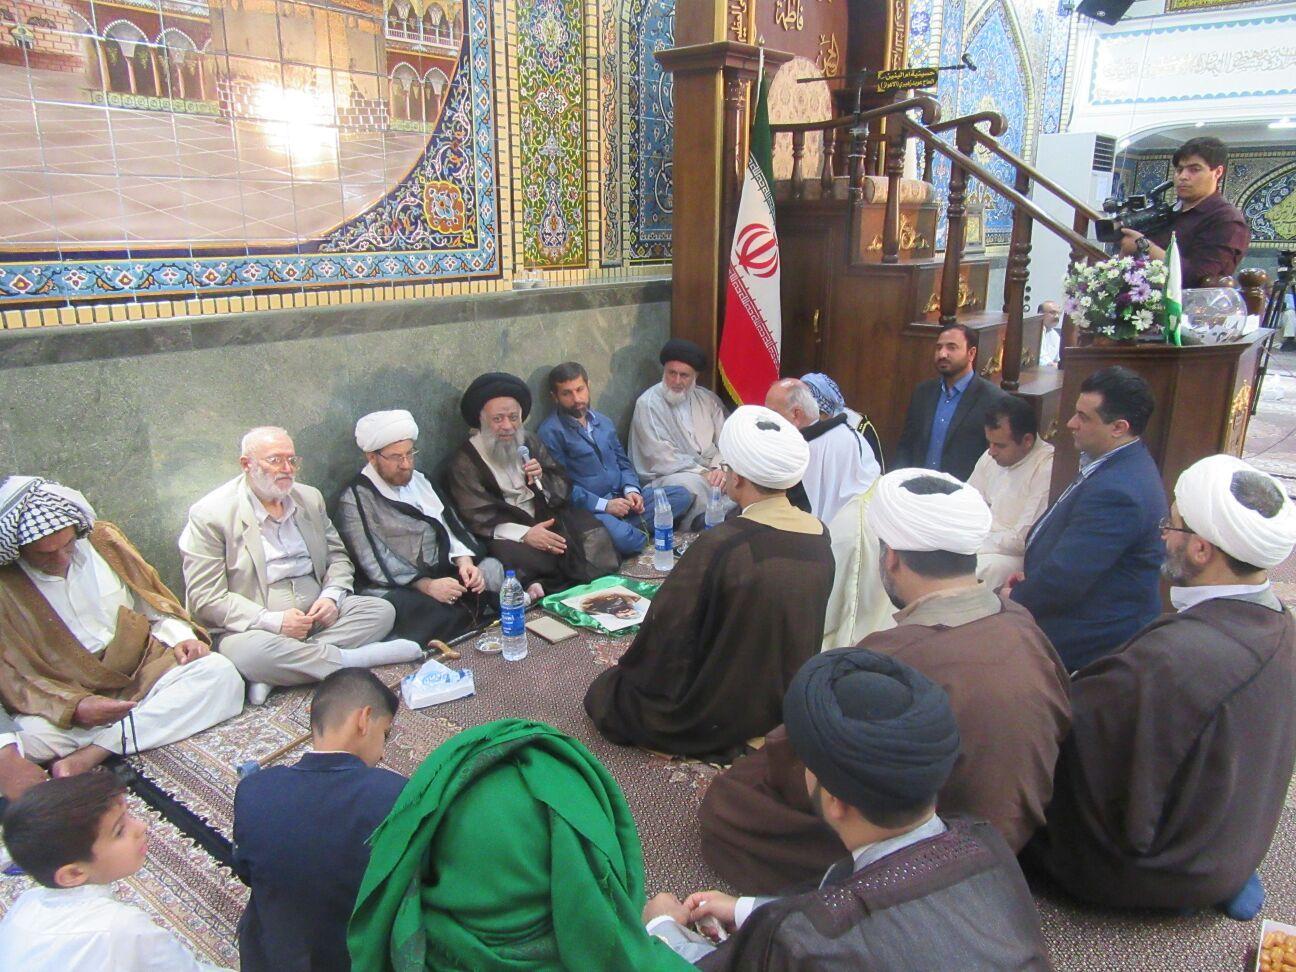 بیانات در حسینیه ام البنین(س) به مناسبت ولادت امام حسن مجتبی(ع)